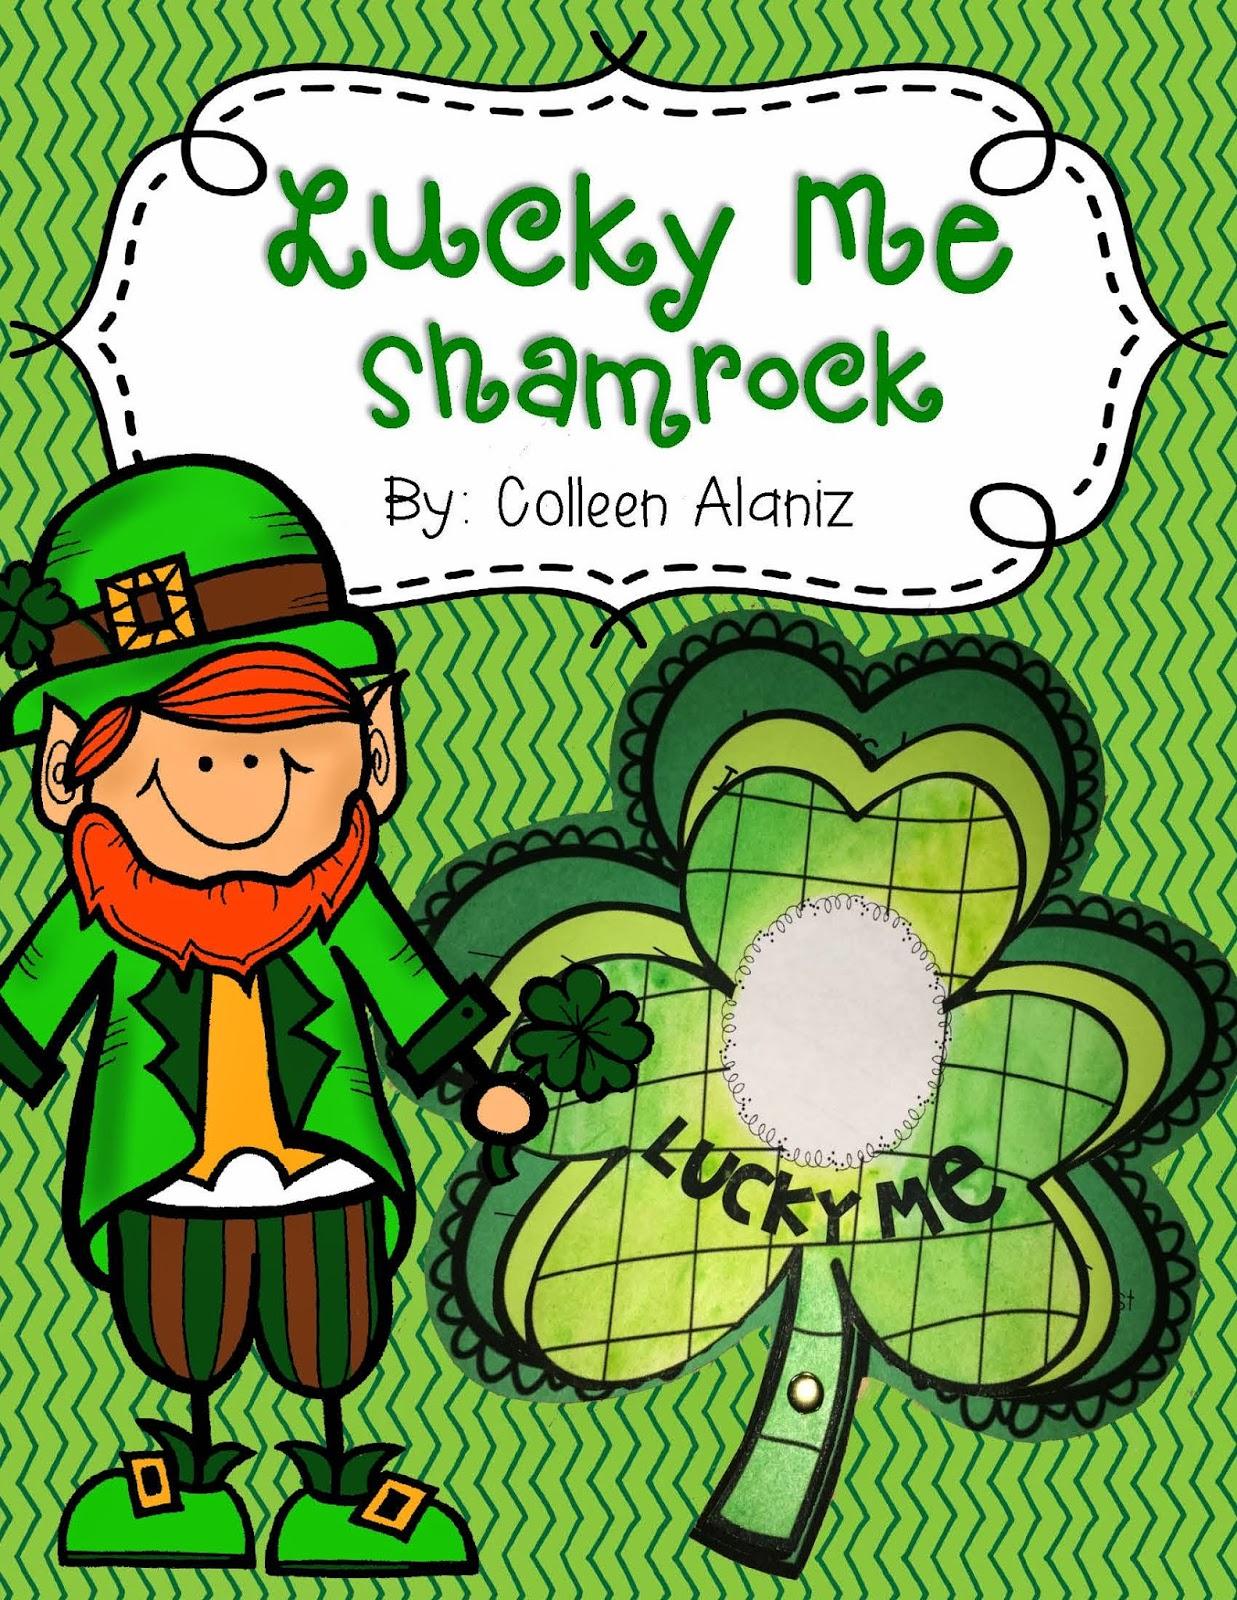 http://www.teacherspayteachers.com/Product/Lucky-Me-Shamrock-1127427